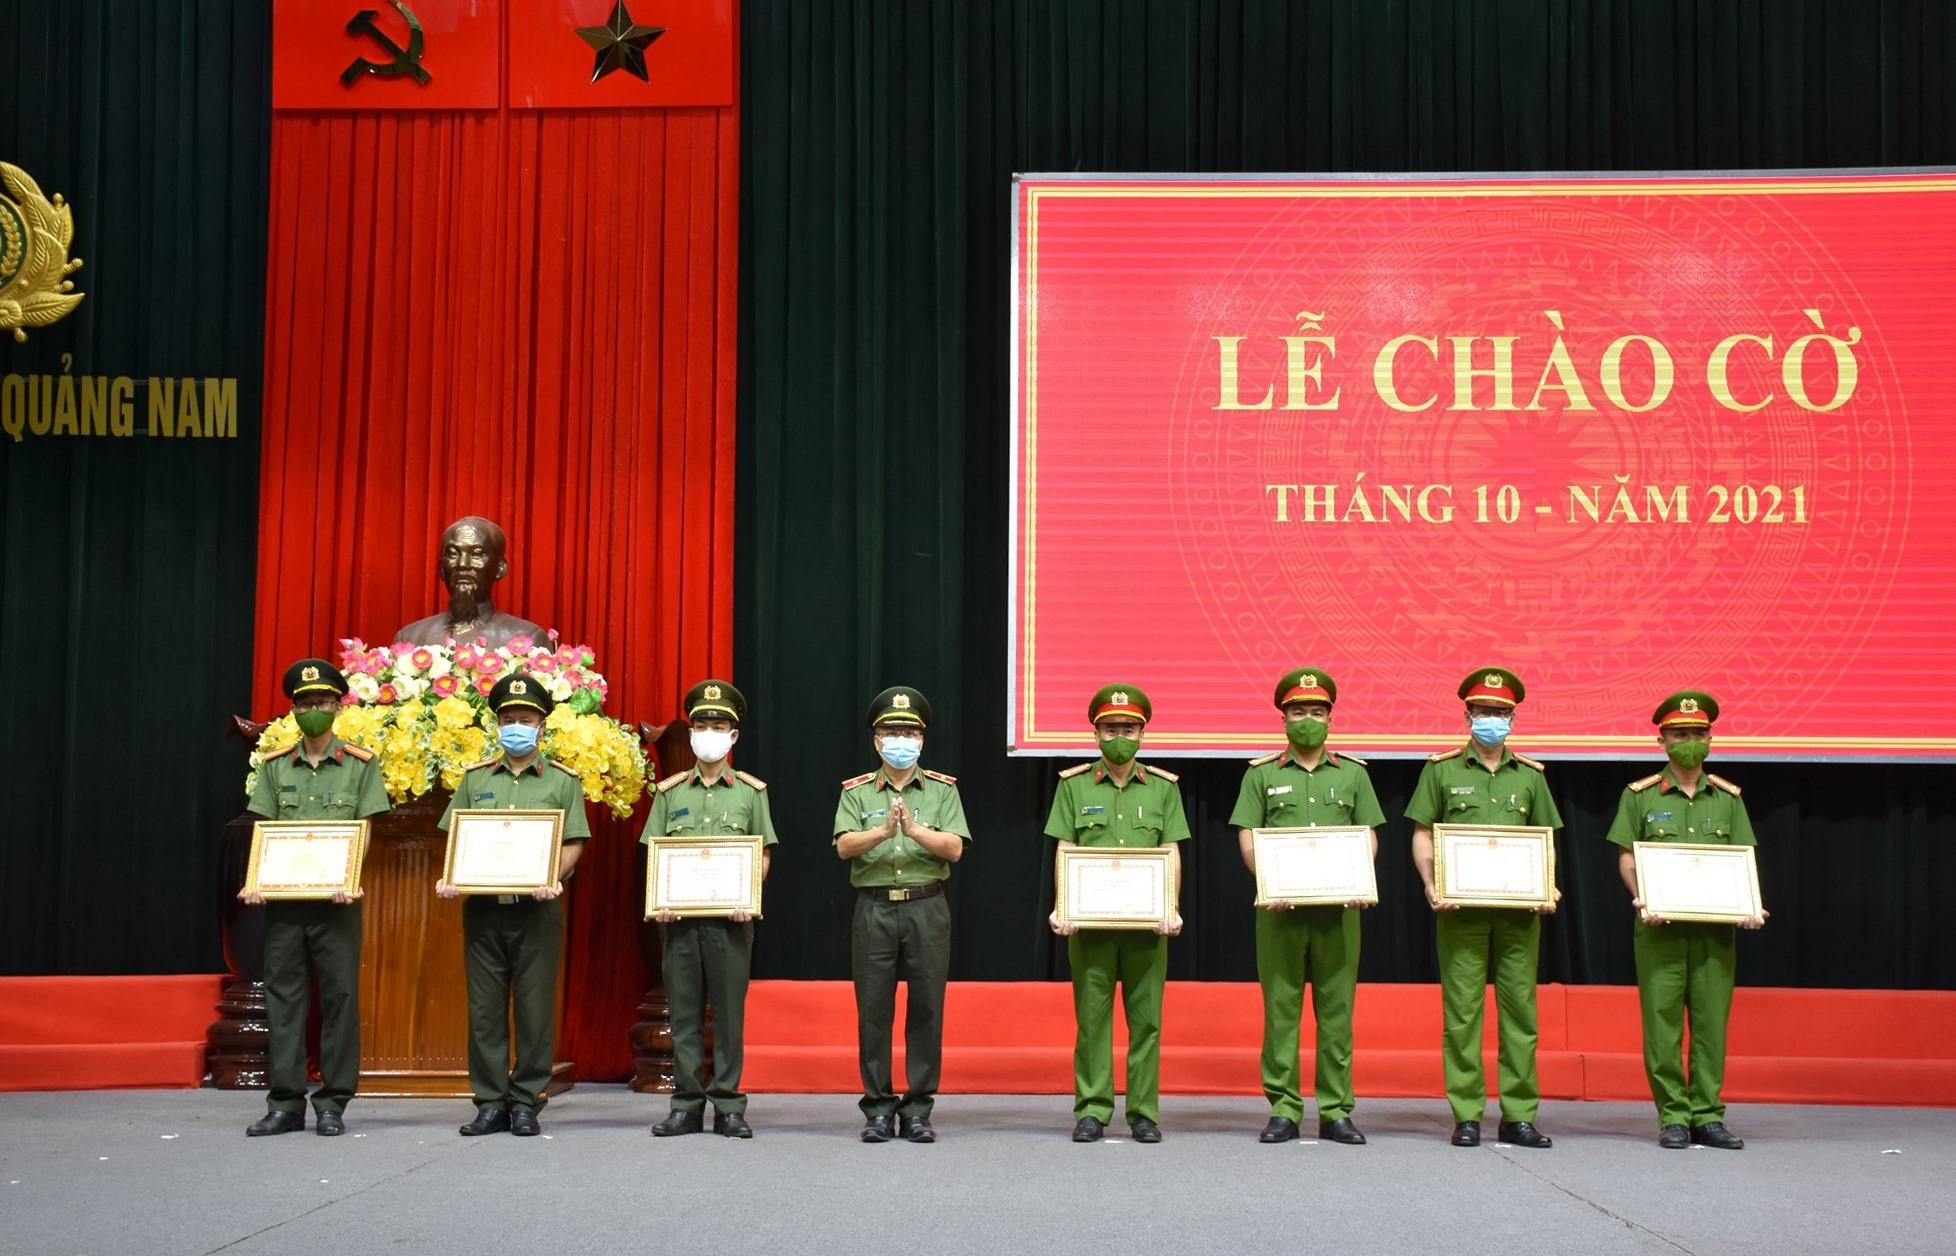 Thiếu tướng Nguyễn Đức Dũng - Giám đốc Công an tỉnh trao bằng khen các tập thể, cá nhân có thành tích xuất sắc trong công tác. Ảnh: M.T